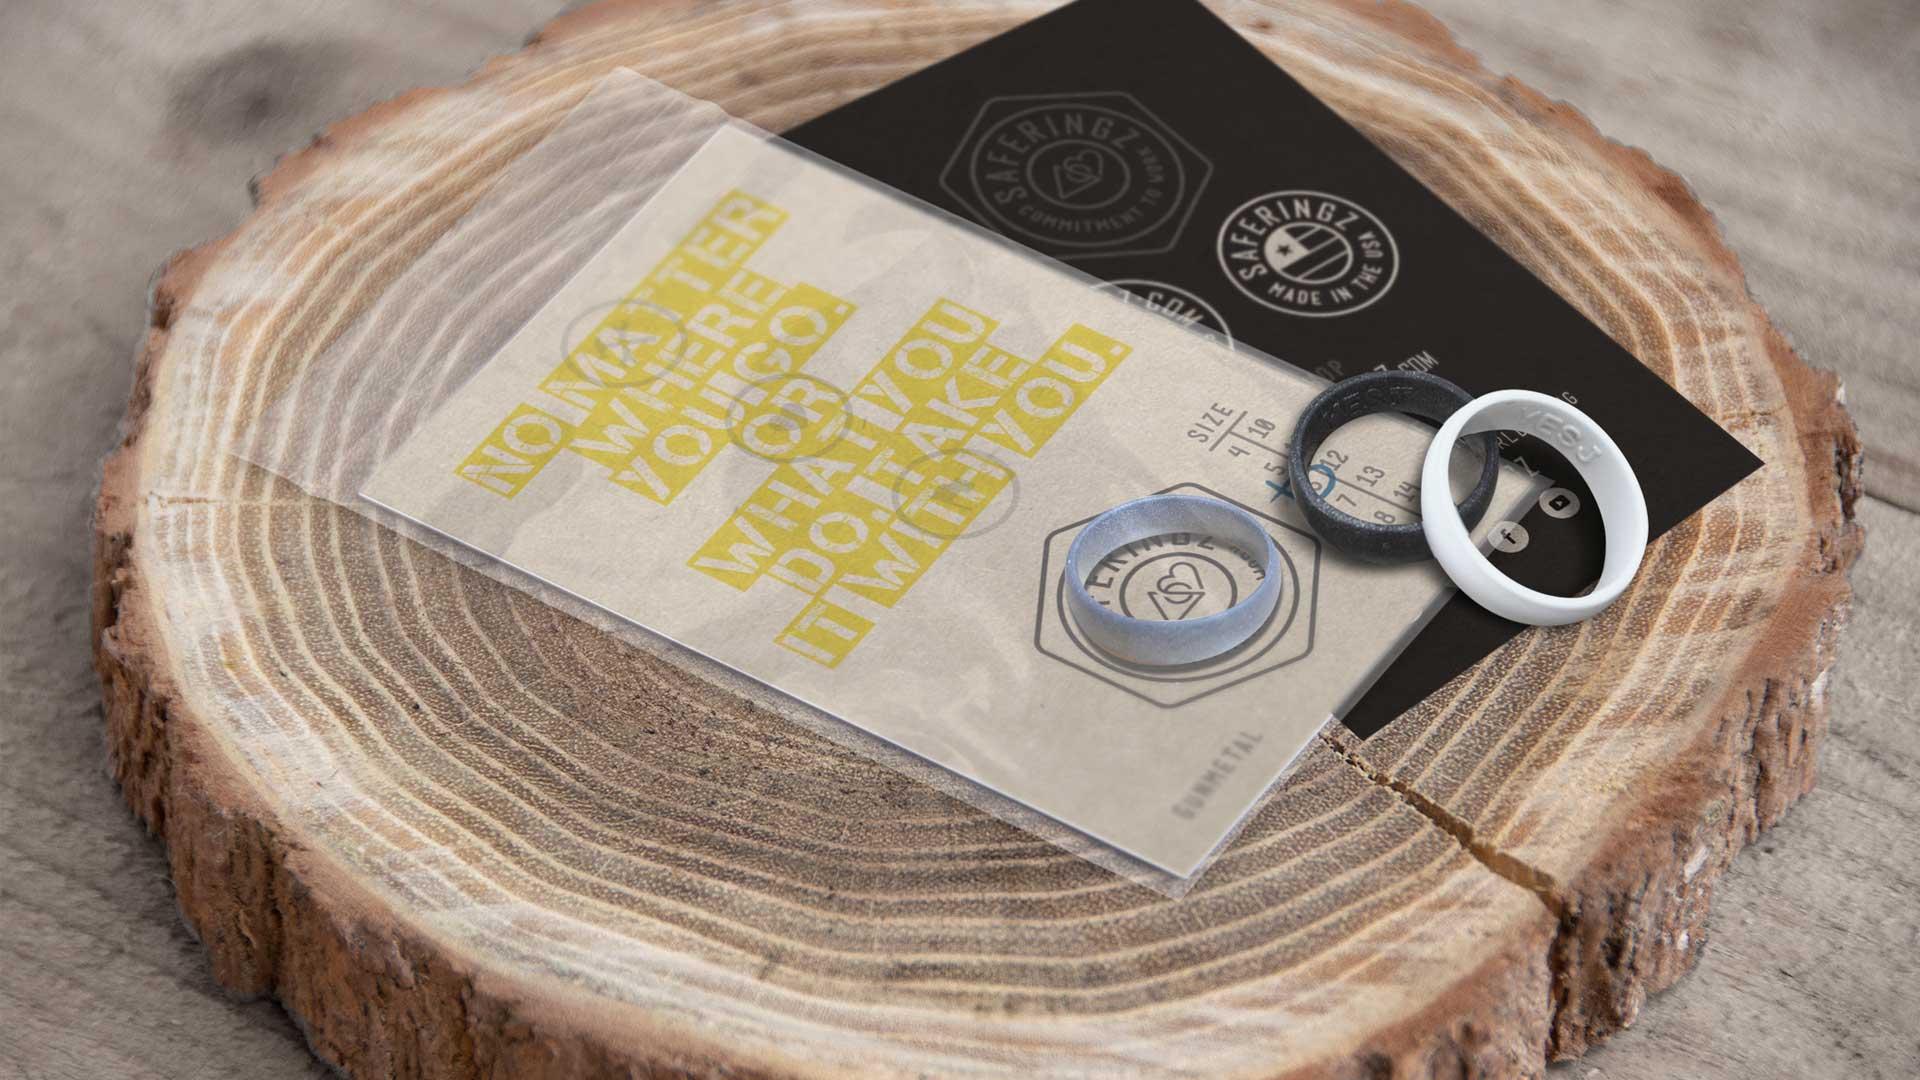 Saferingz-Branding-Packaging-2.jpg